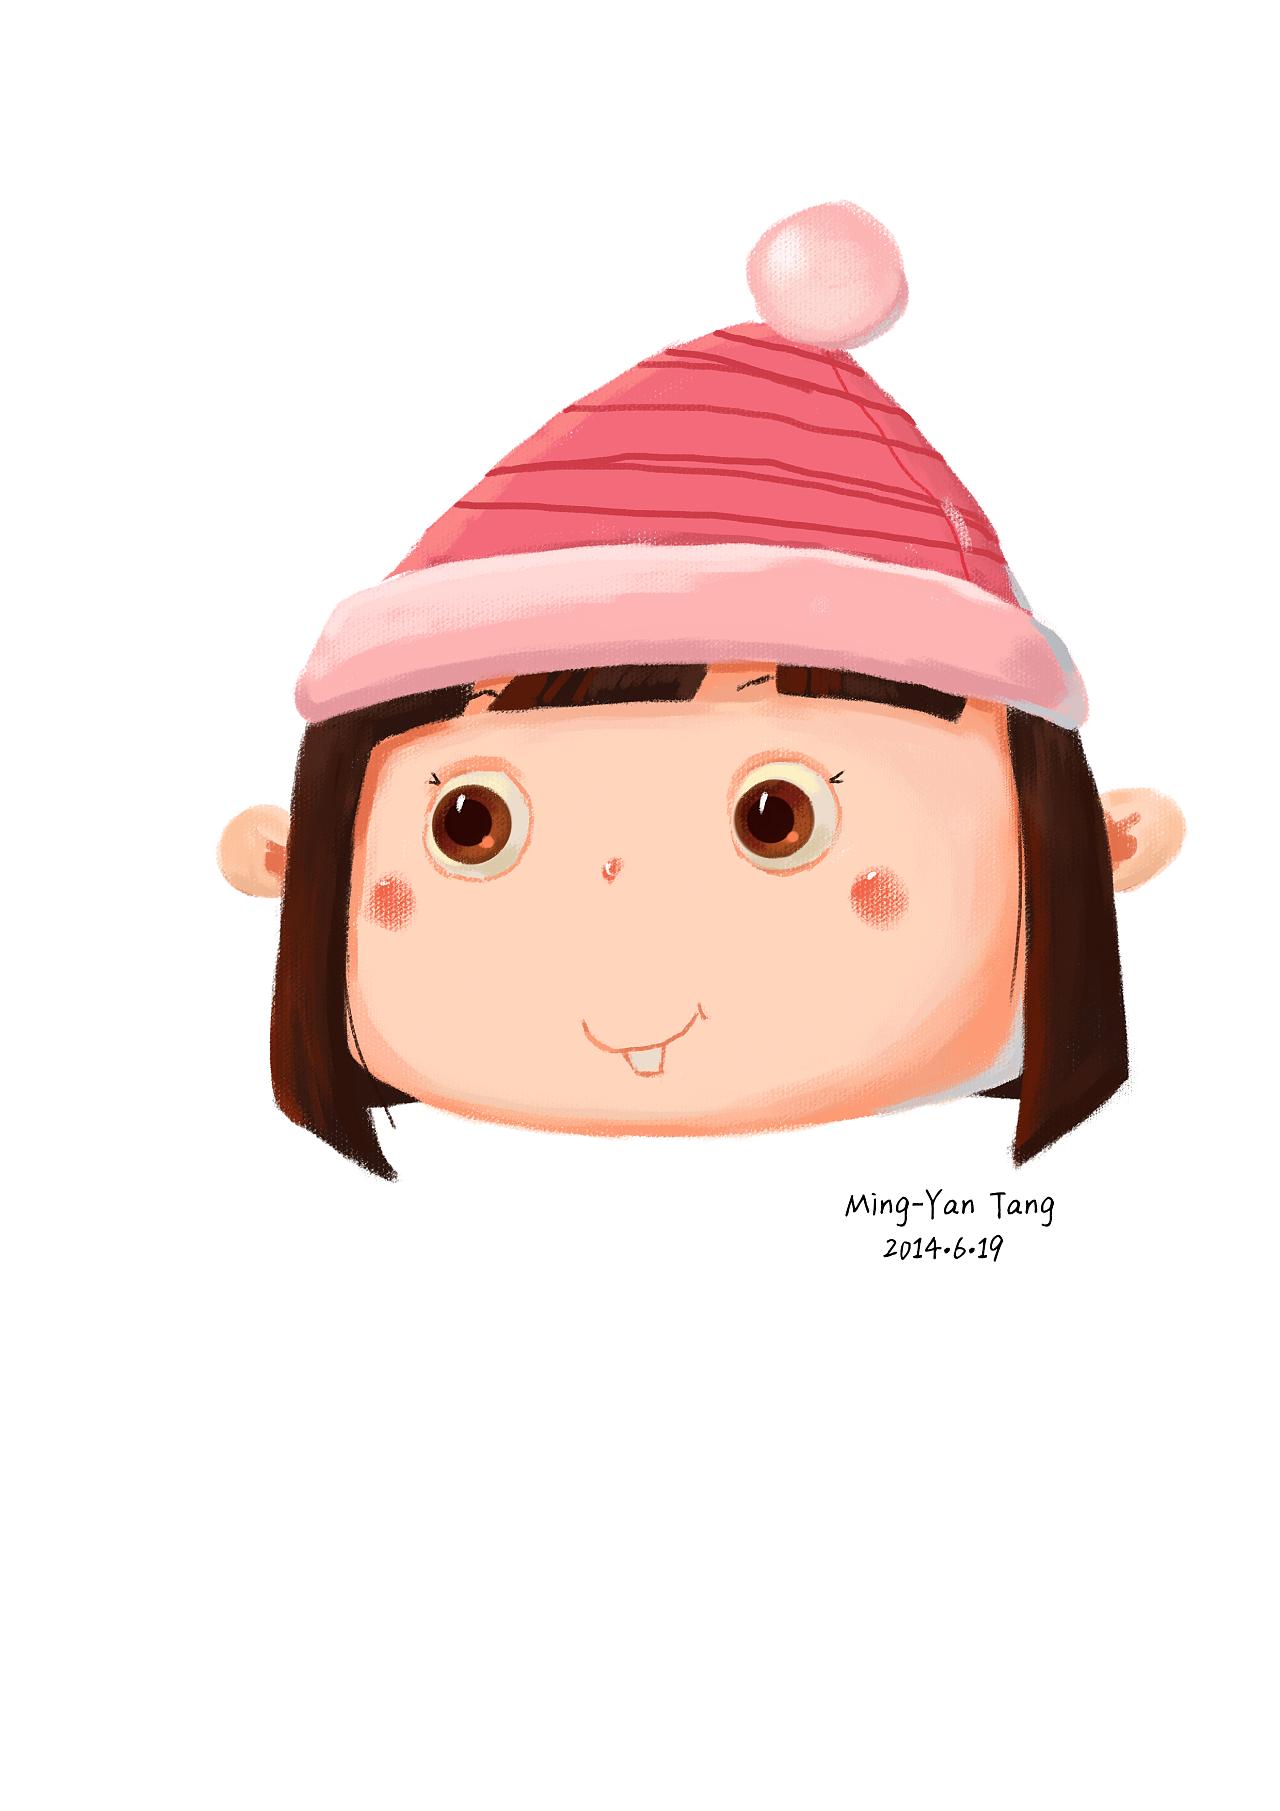 数码手绘|插画|儿童插画|tangmingyan - 原创作品